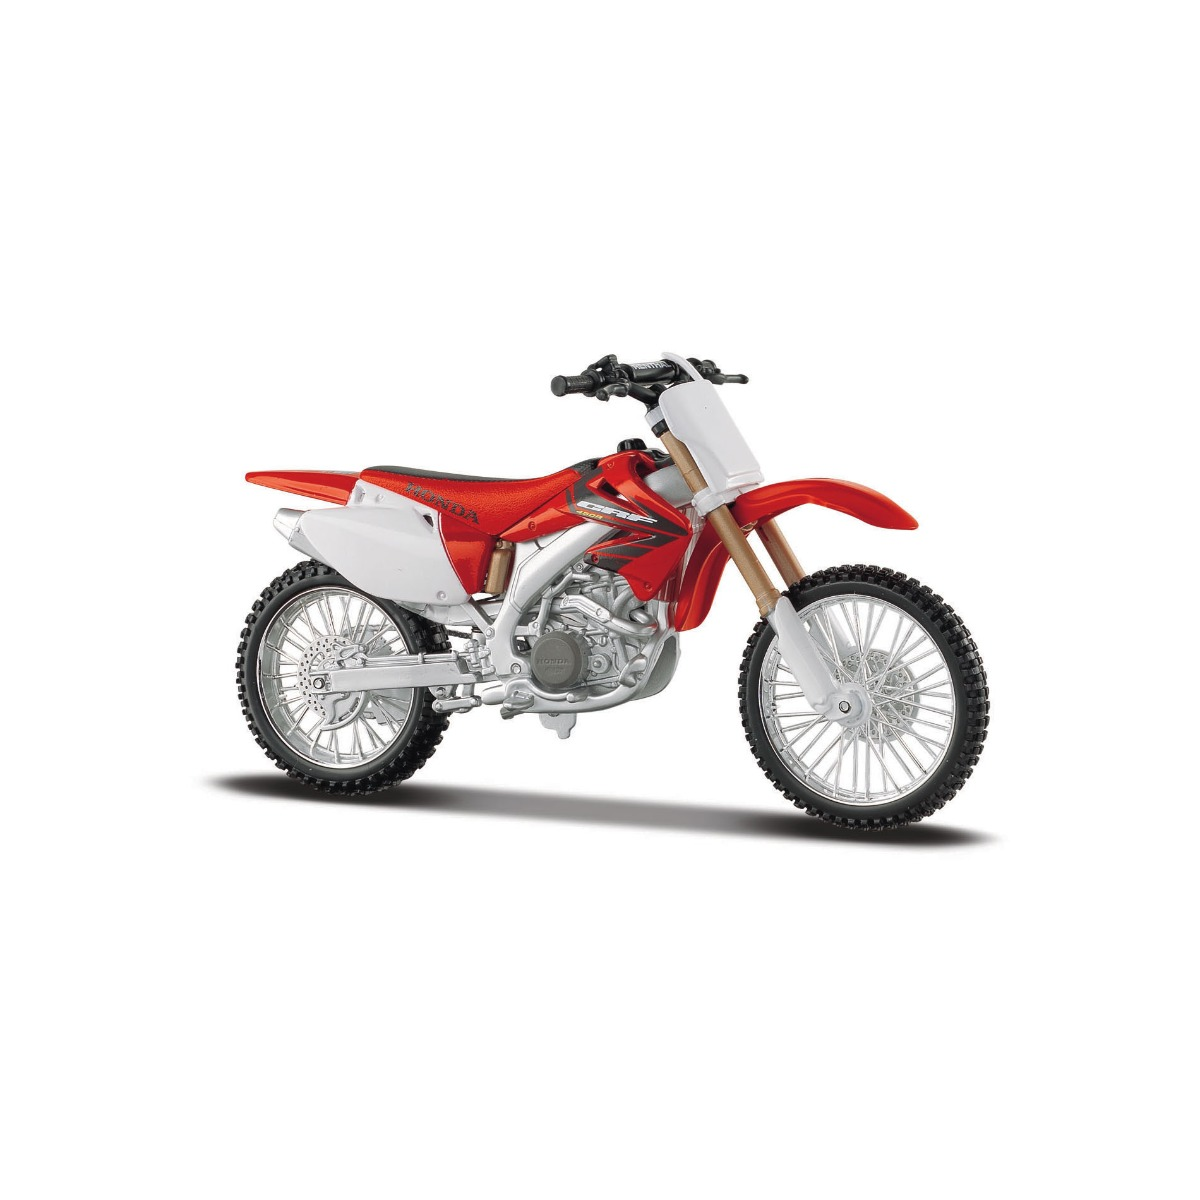 Motocicleta Maisto Honda CRF 450R, 1:12